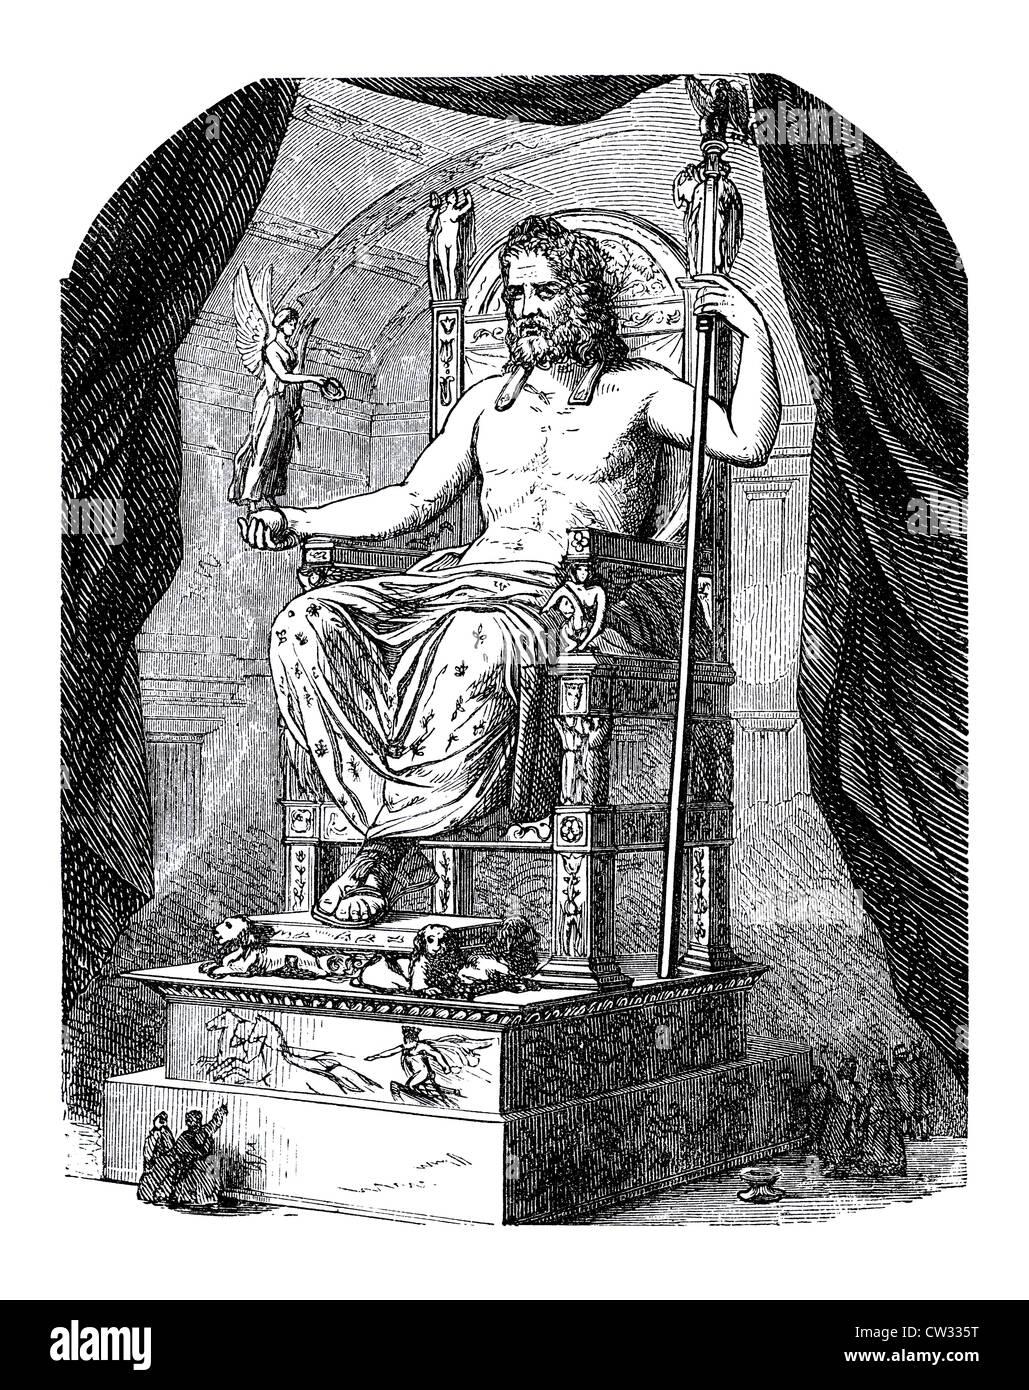 Zeus on the throne - Stock Image